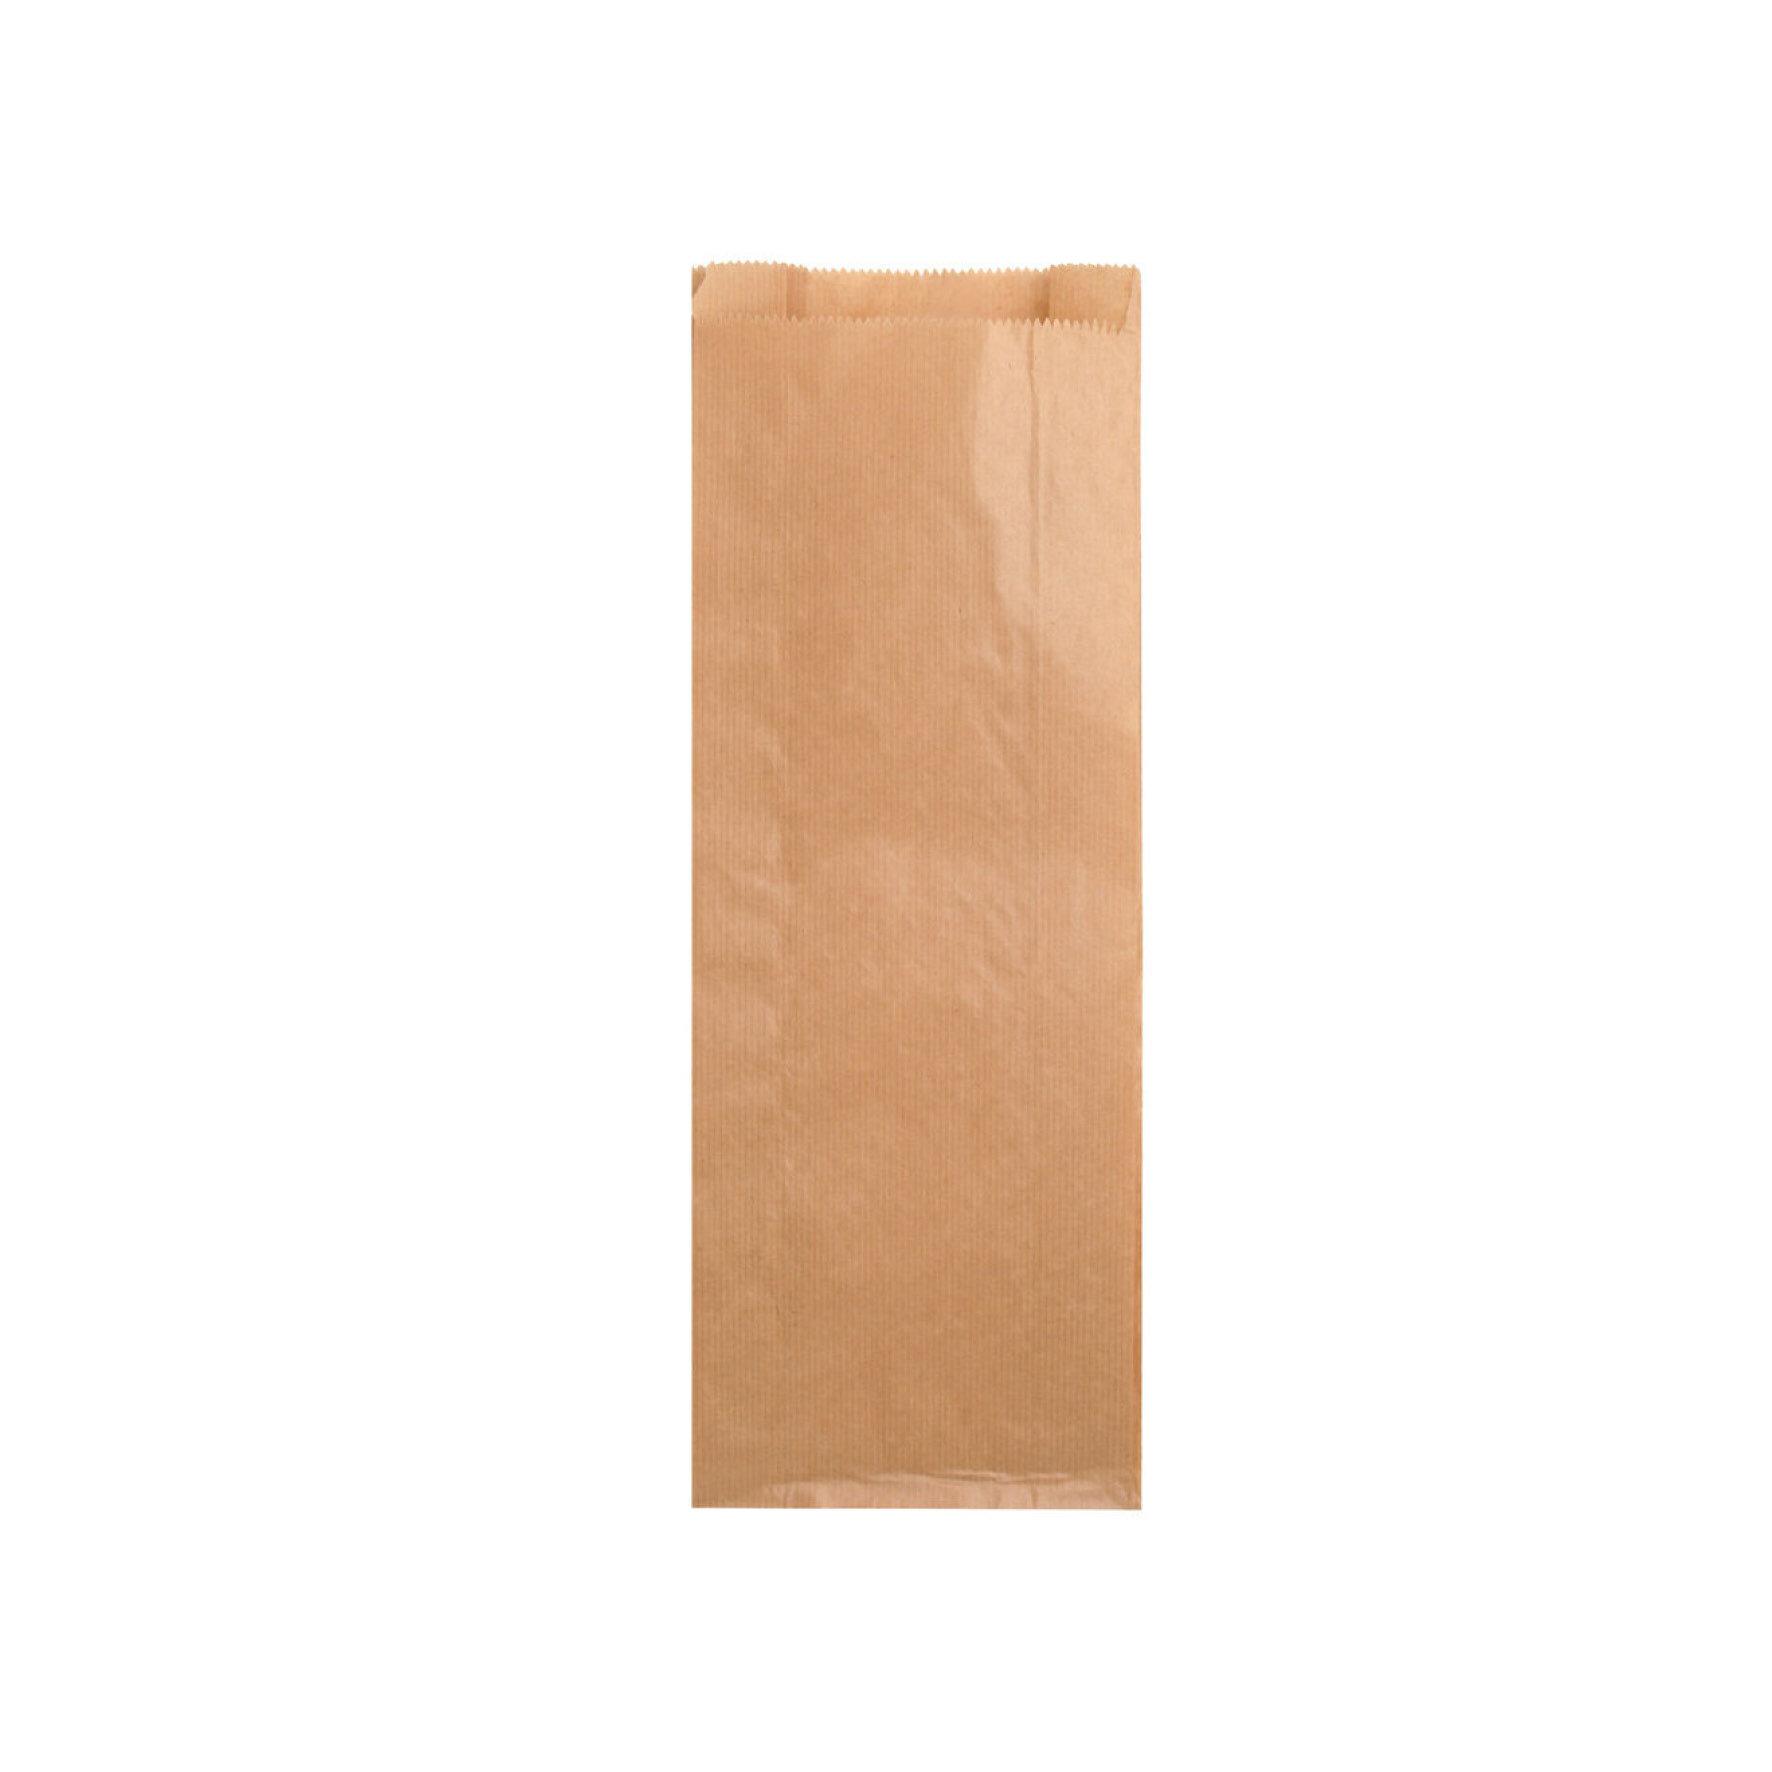 WEBAbag Metzgerfaltenbeutel und Bäckerfaltenebutel aus Kraftpapier    individuell bedruckbar, kompostierbar